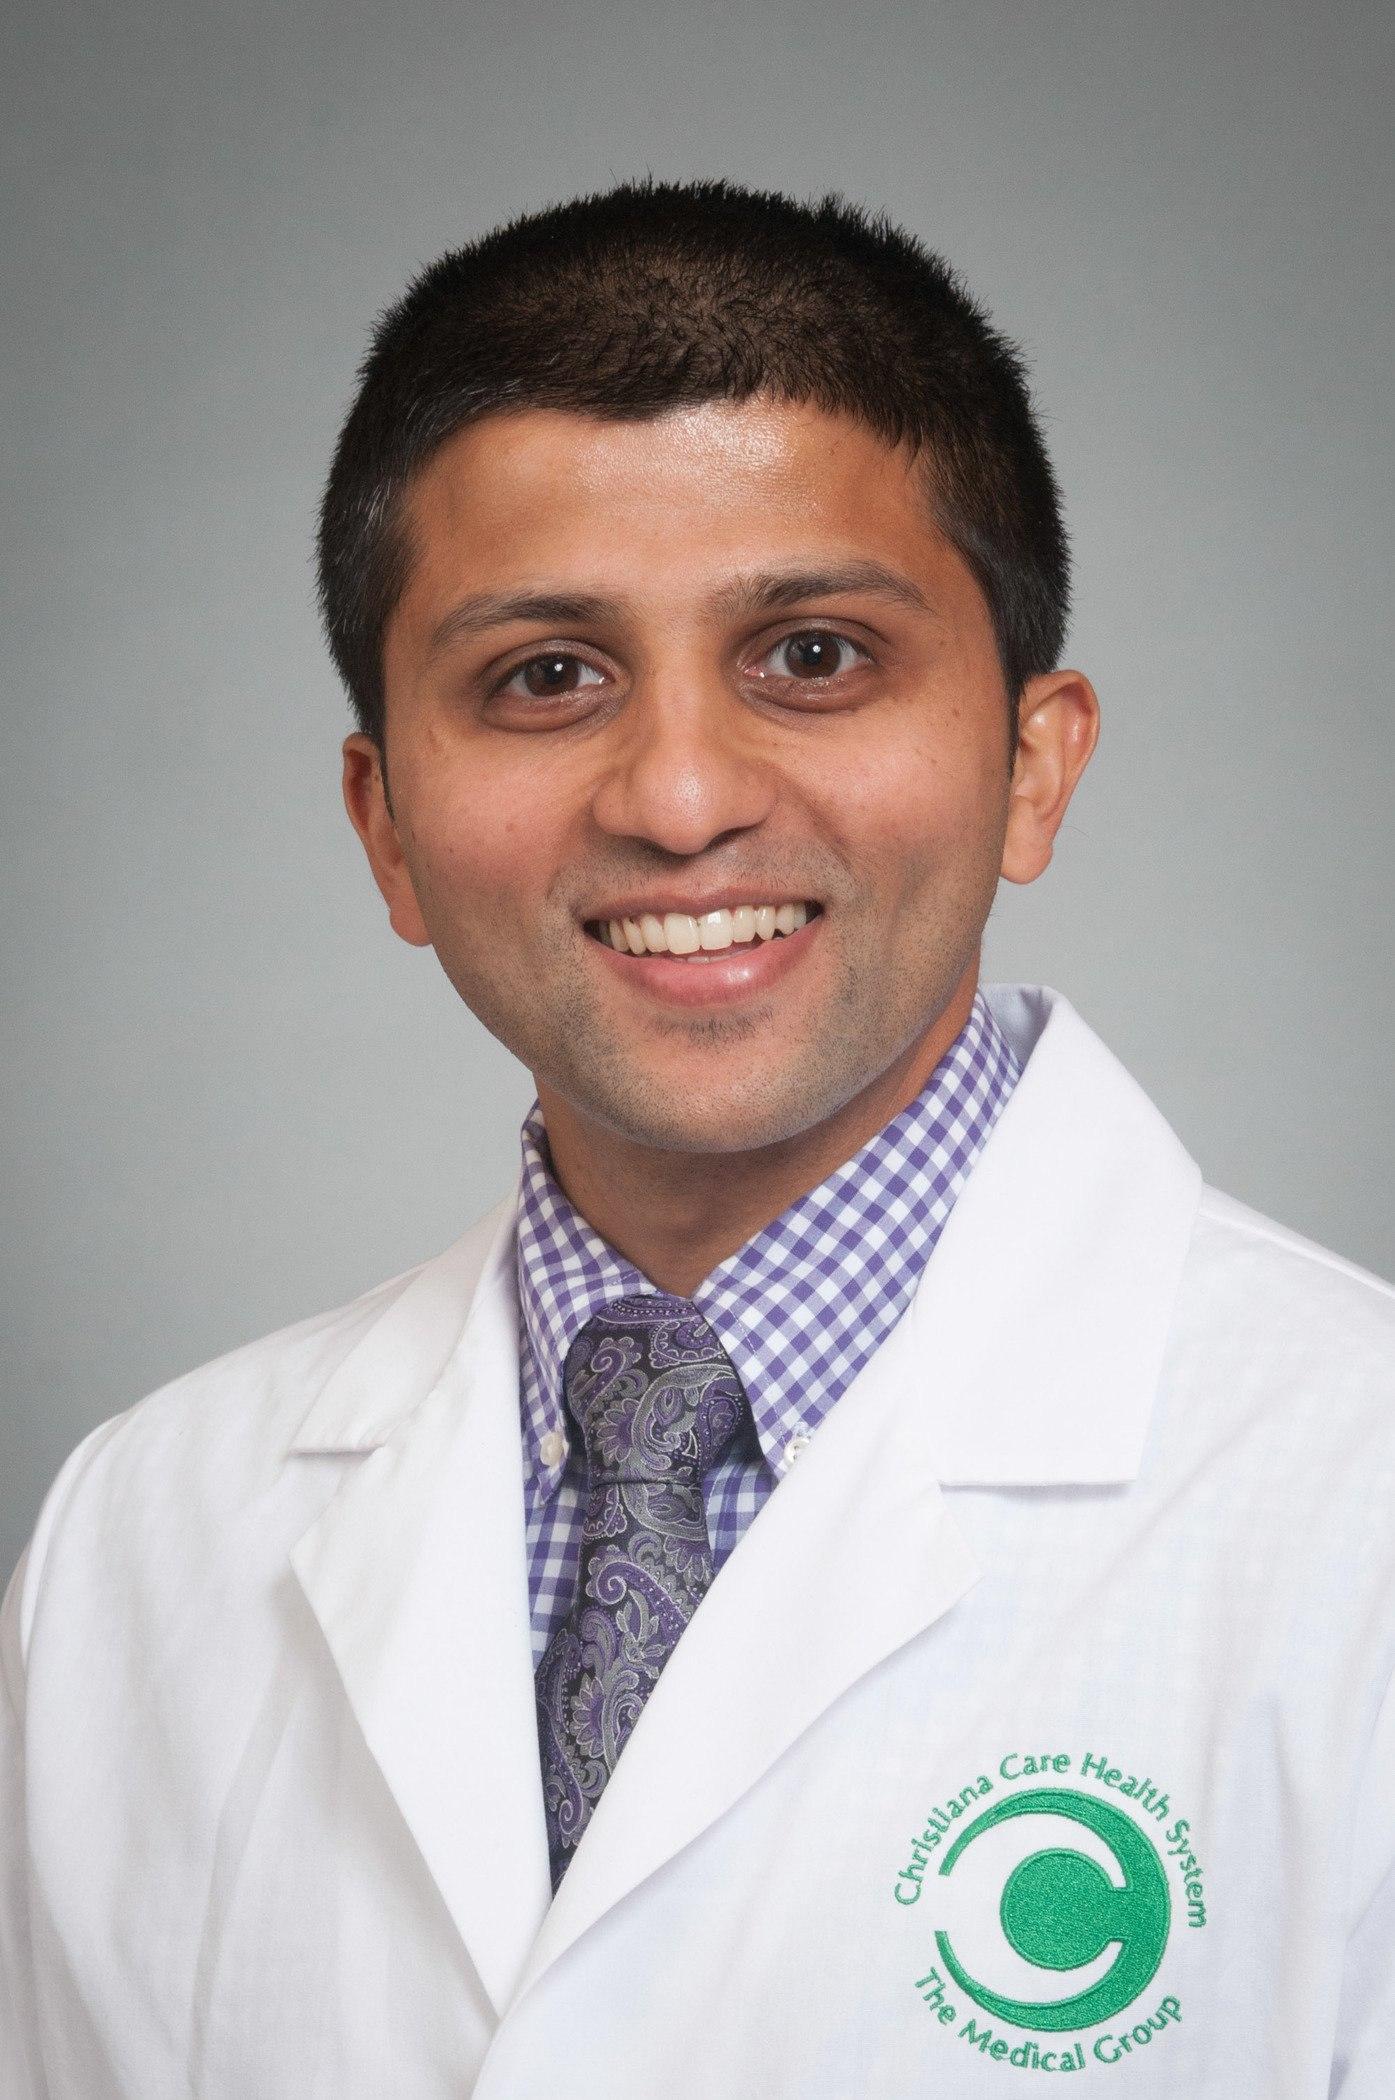 DR._V_Patel_-_Pediatrics-103-1395x2100-3e75047b-e954-48e5-9a4a-47d26d49999e